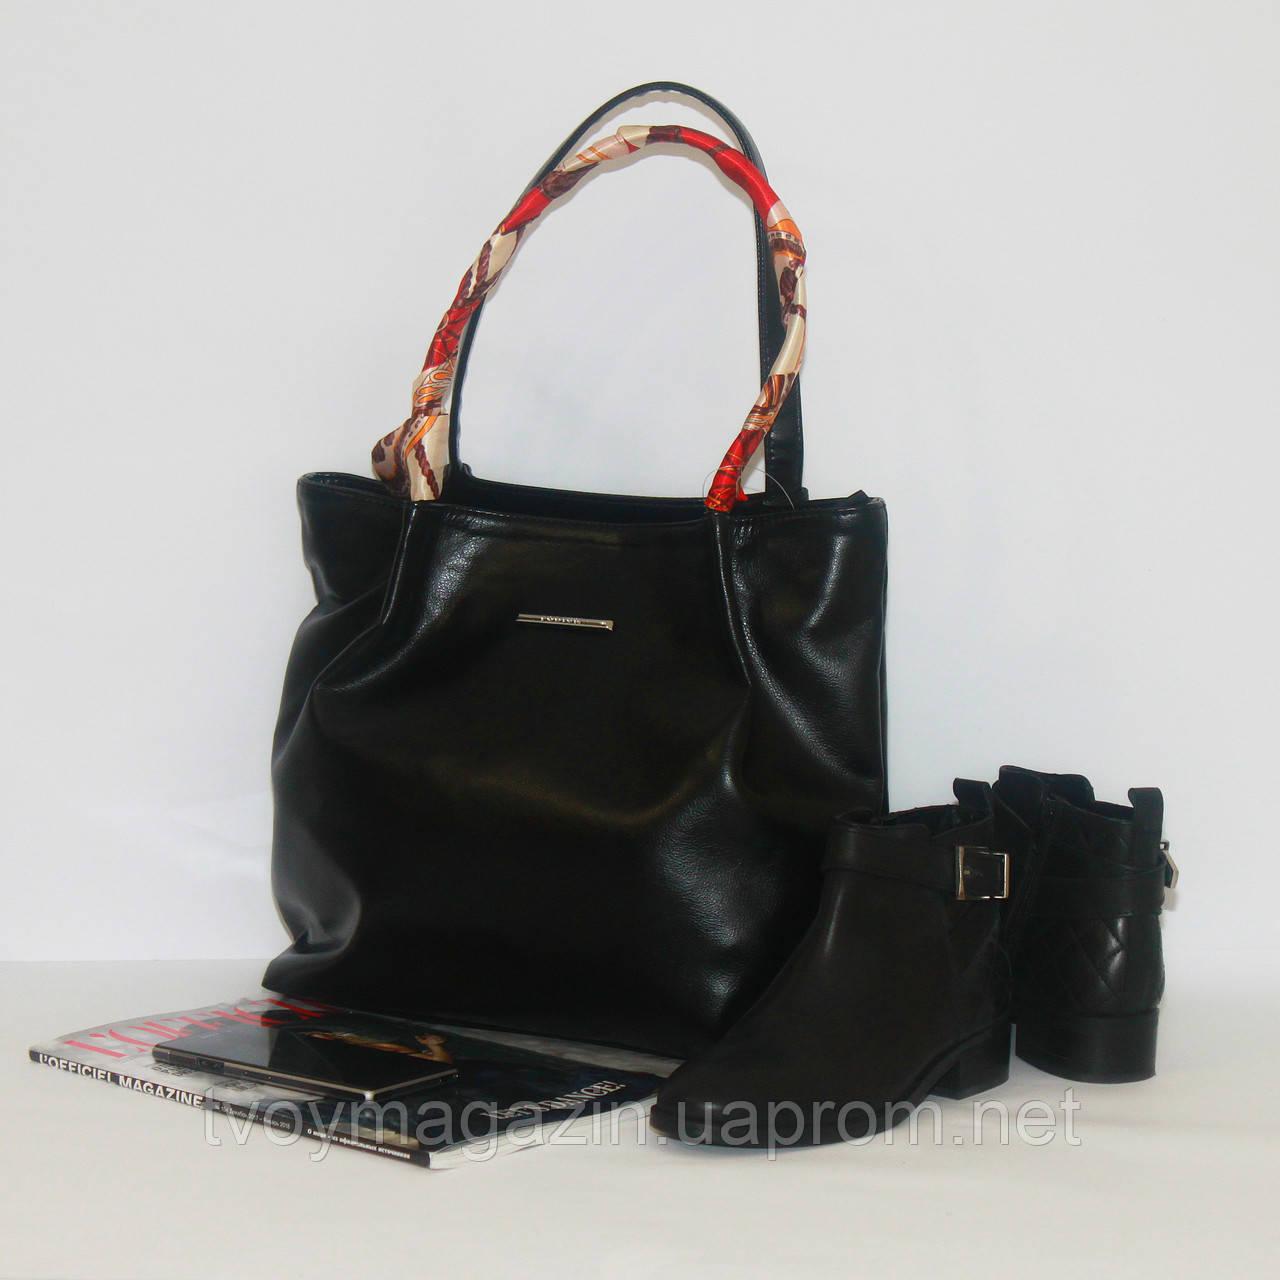 Черная классическая сумка на каждый день Чорна класична сумка на кожен день